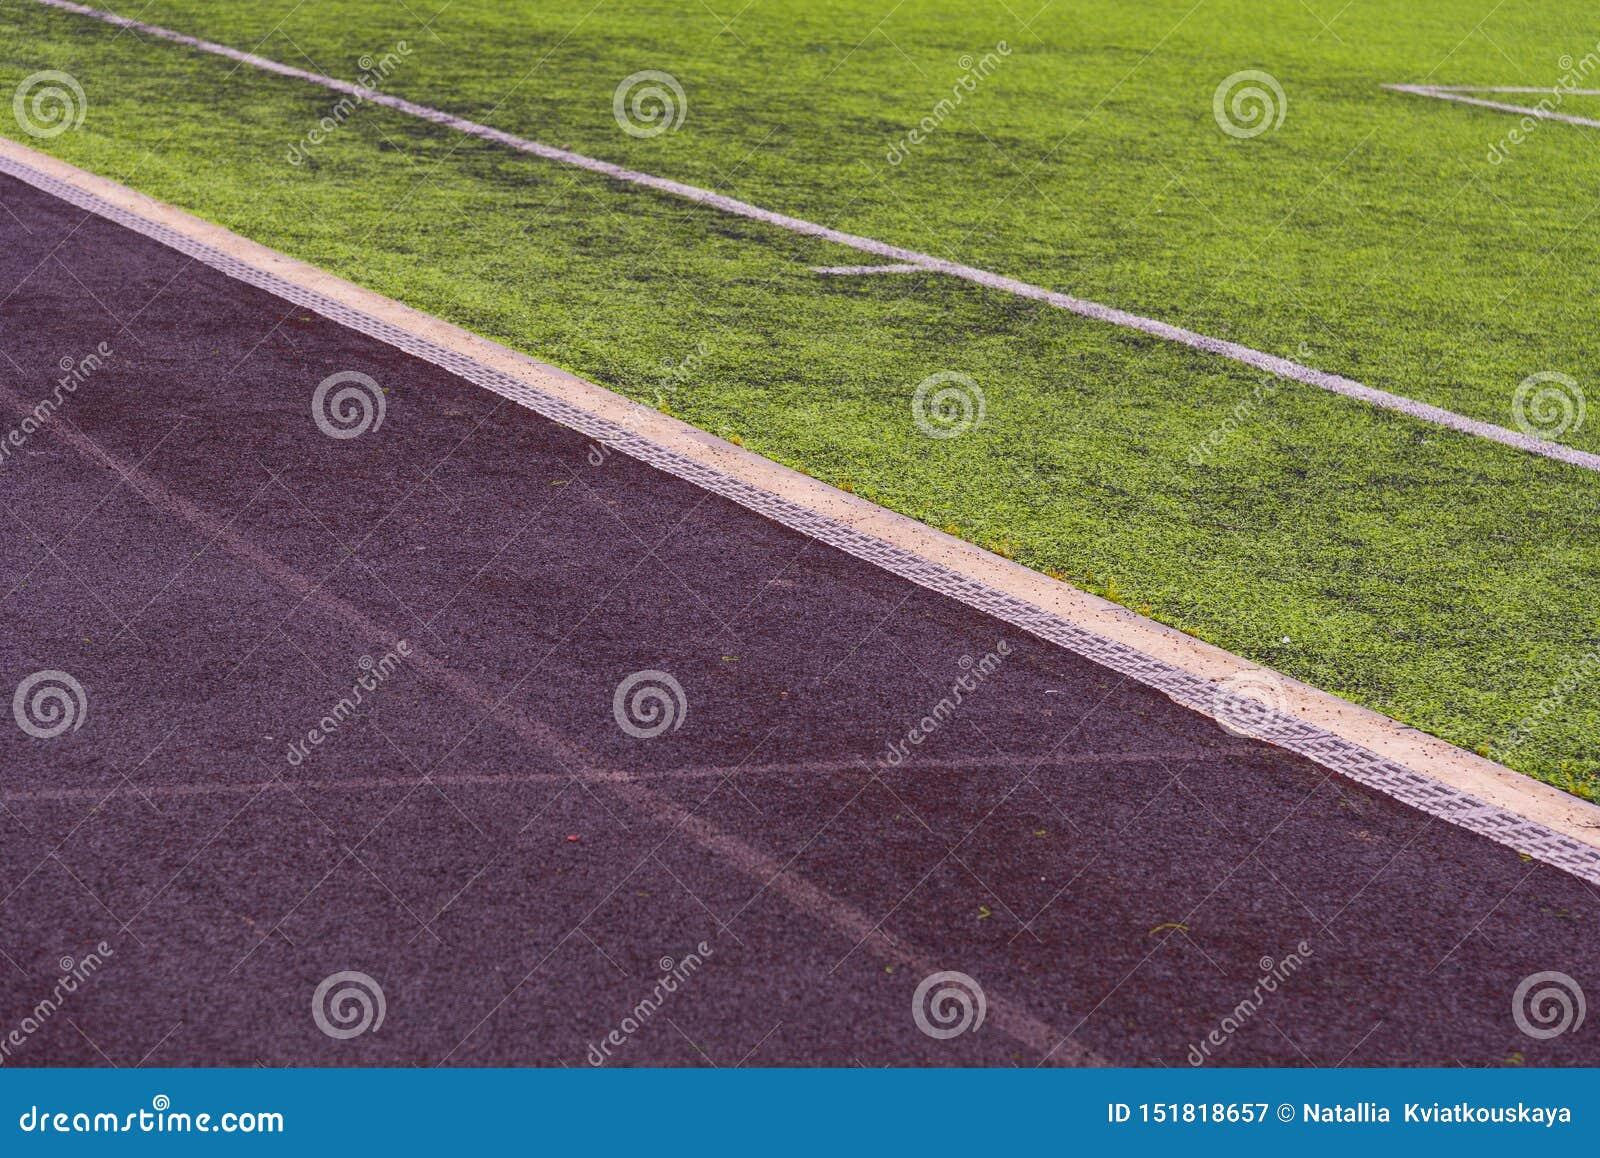 Droga dla biegaczów w stadium Ryzykowanie na stadium